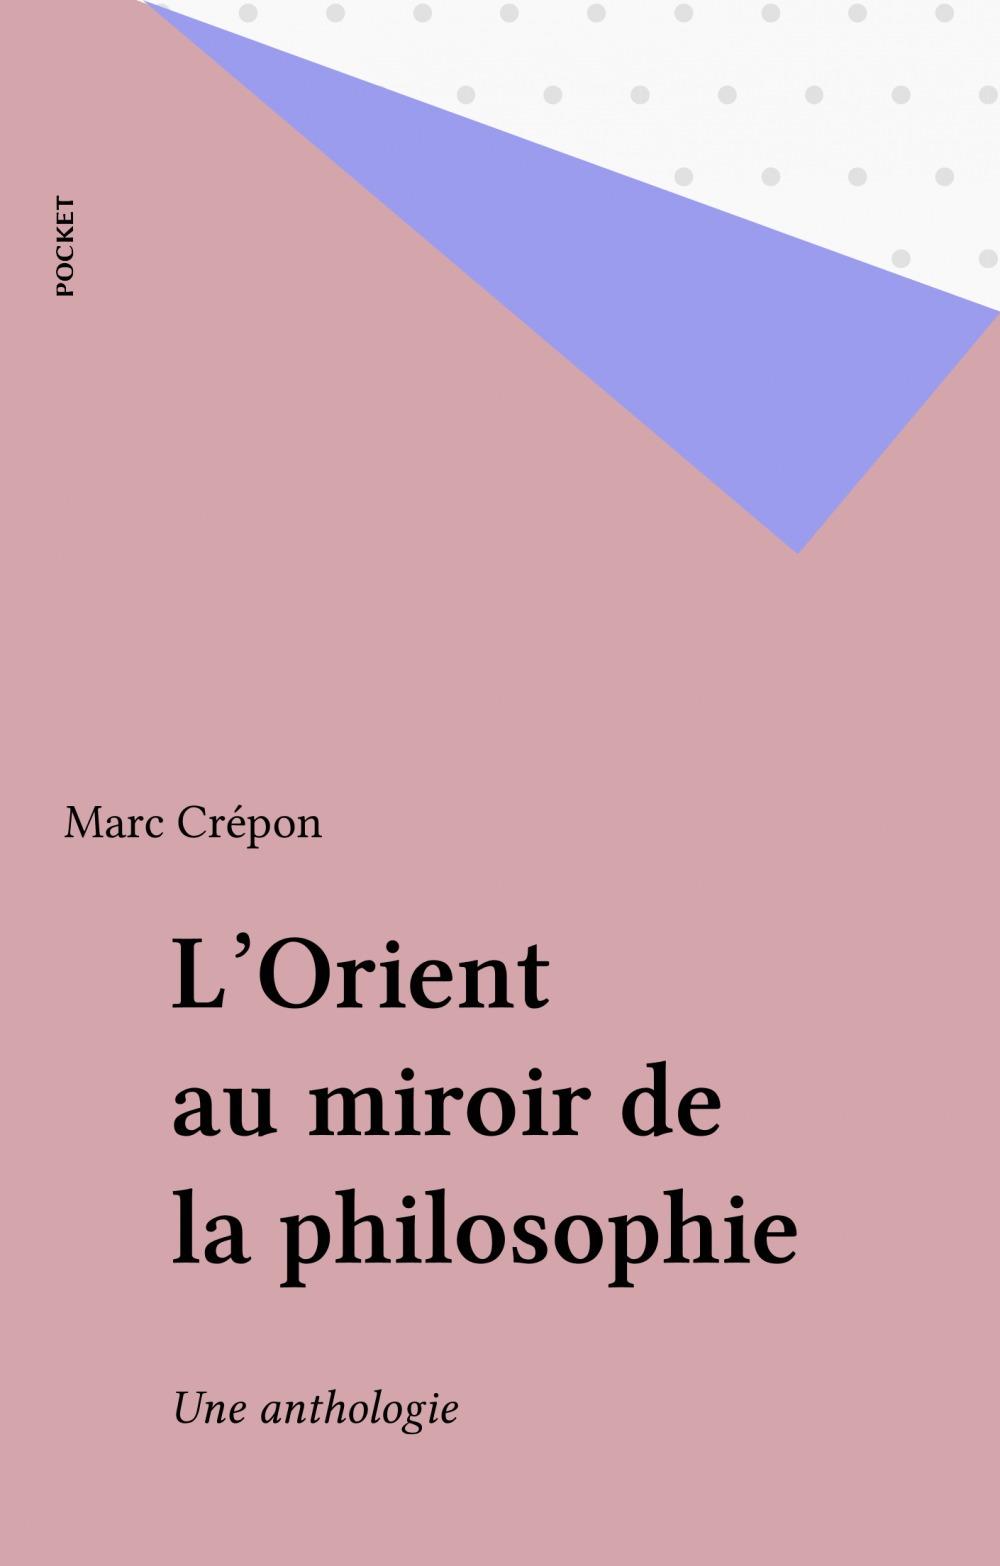 L' orient au miroir de la philosophie